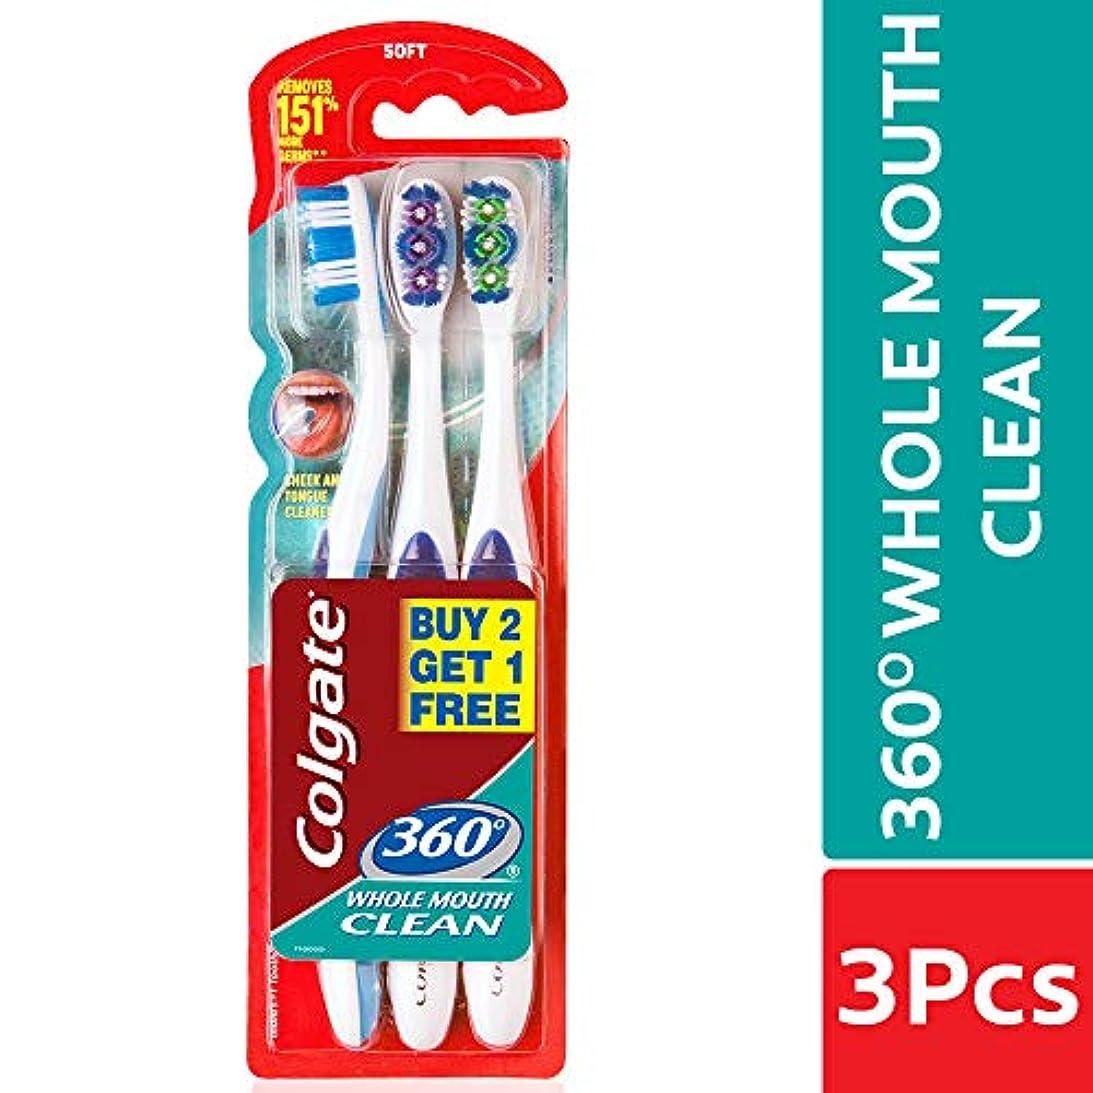 エキゾチックヒロイン争いColgate 360 whole mouth clean (MEDIUM) toothbrush (3pc pack)